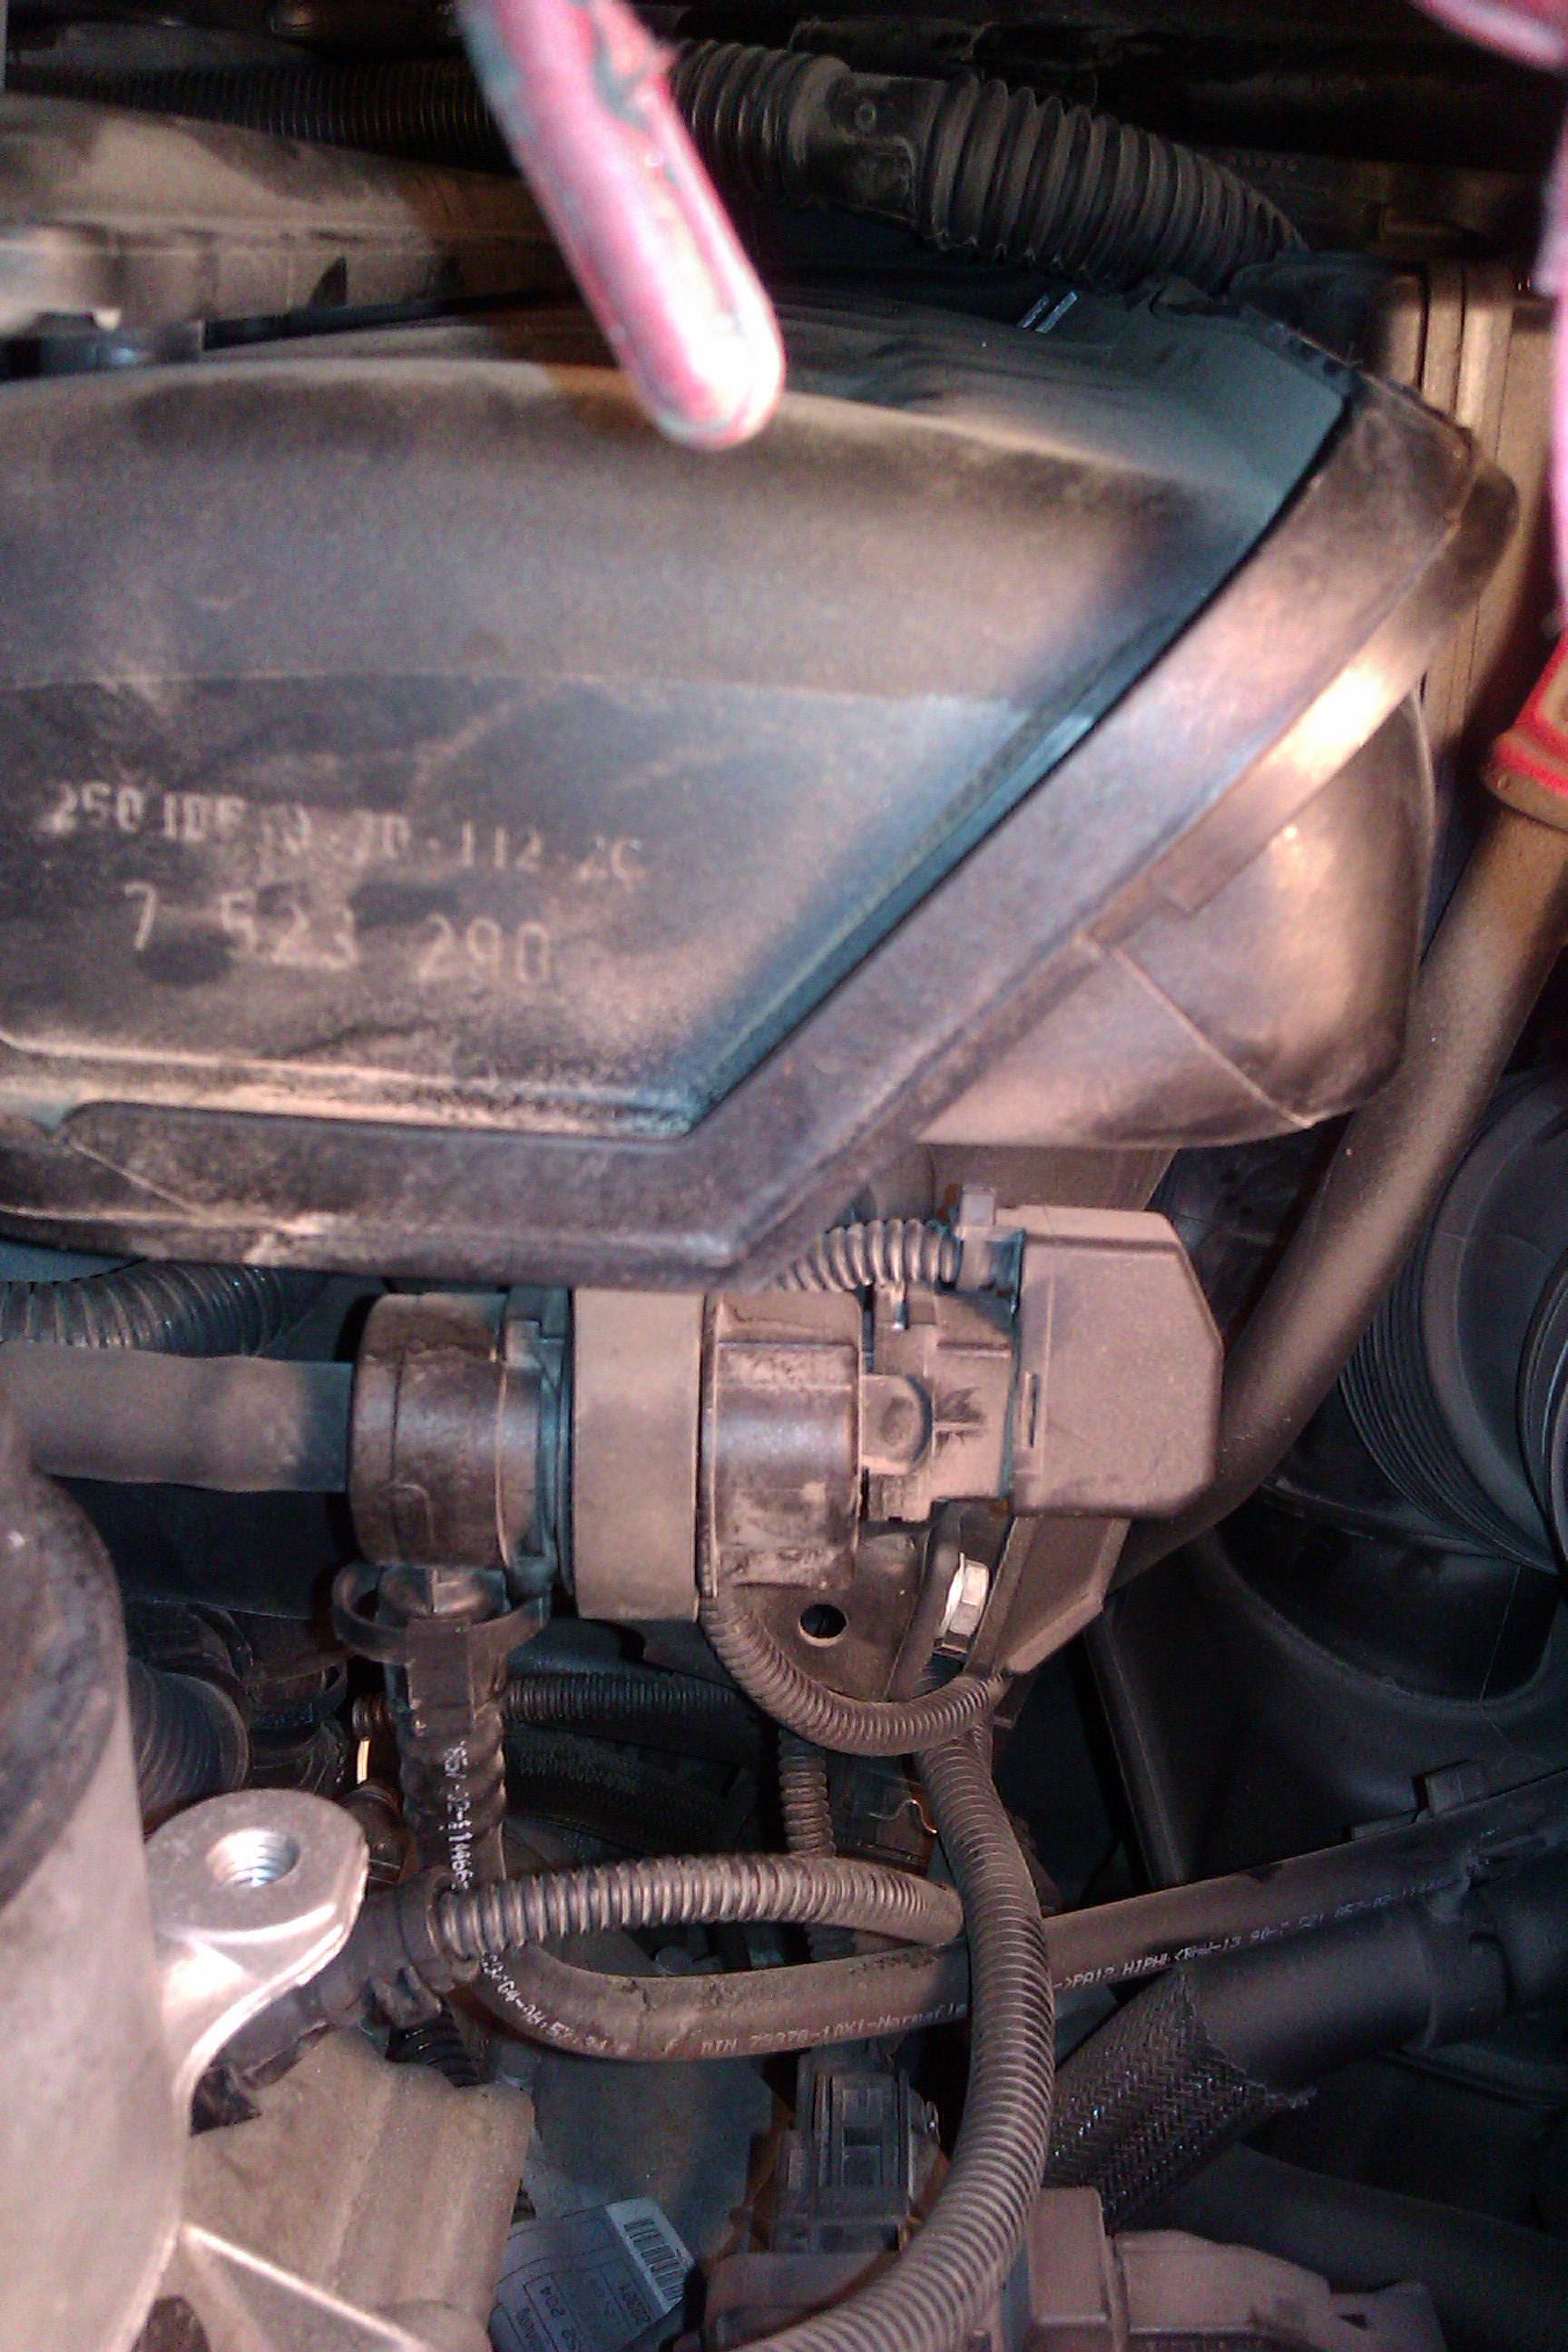 bmw 525i engine diagram bmw automotive wiring diagrams 30155d1347501648 maf vacuum leak bmw 1